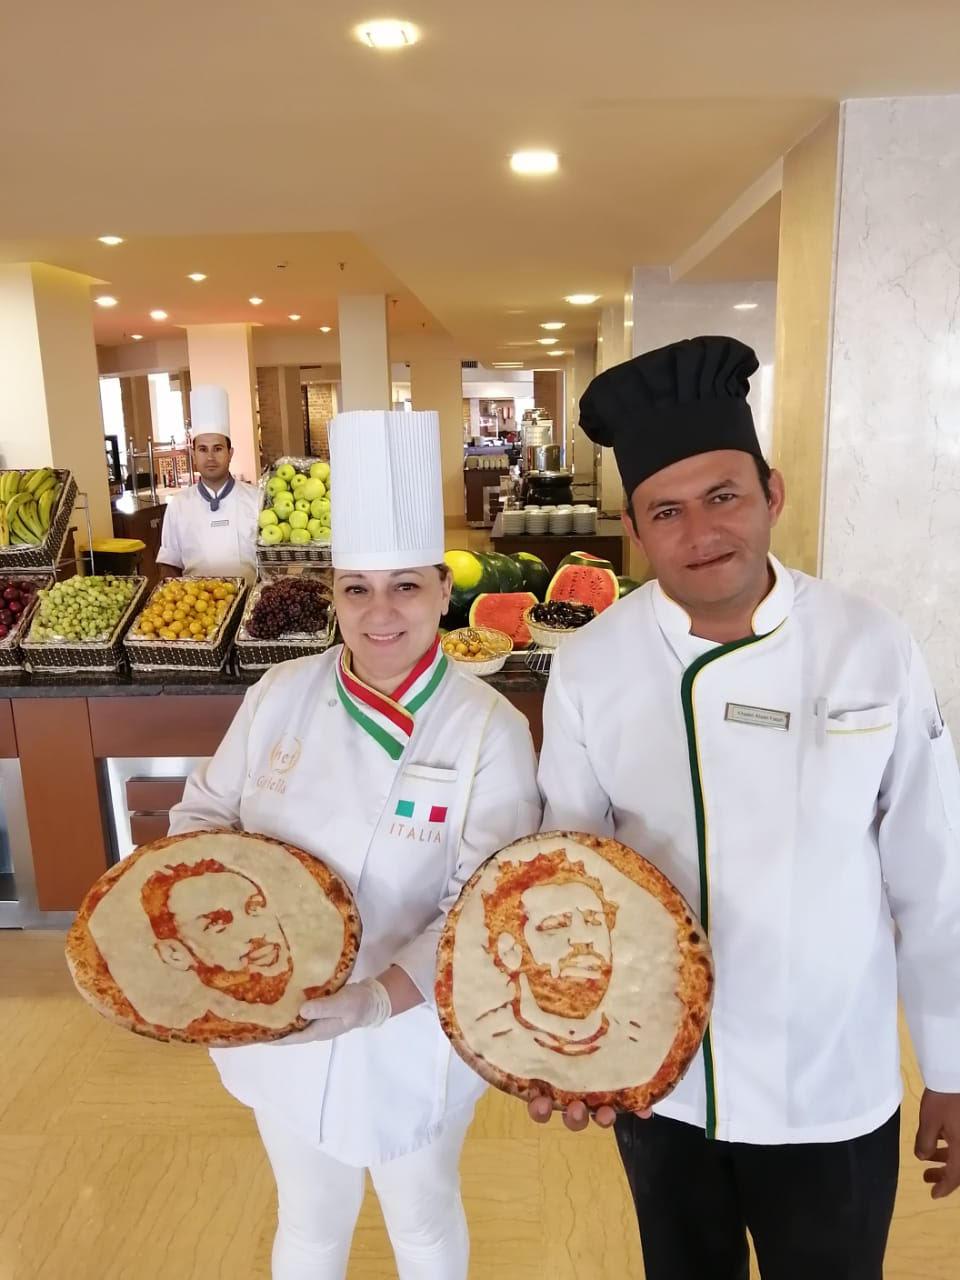 شيف بالغردقة يصنع بيتزا تحمل صور المحمدي ومحمد صلاح وسط إعجاب السائحين